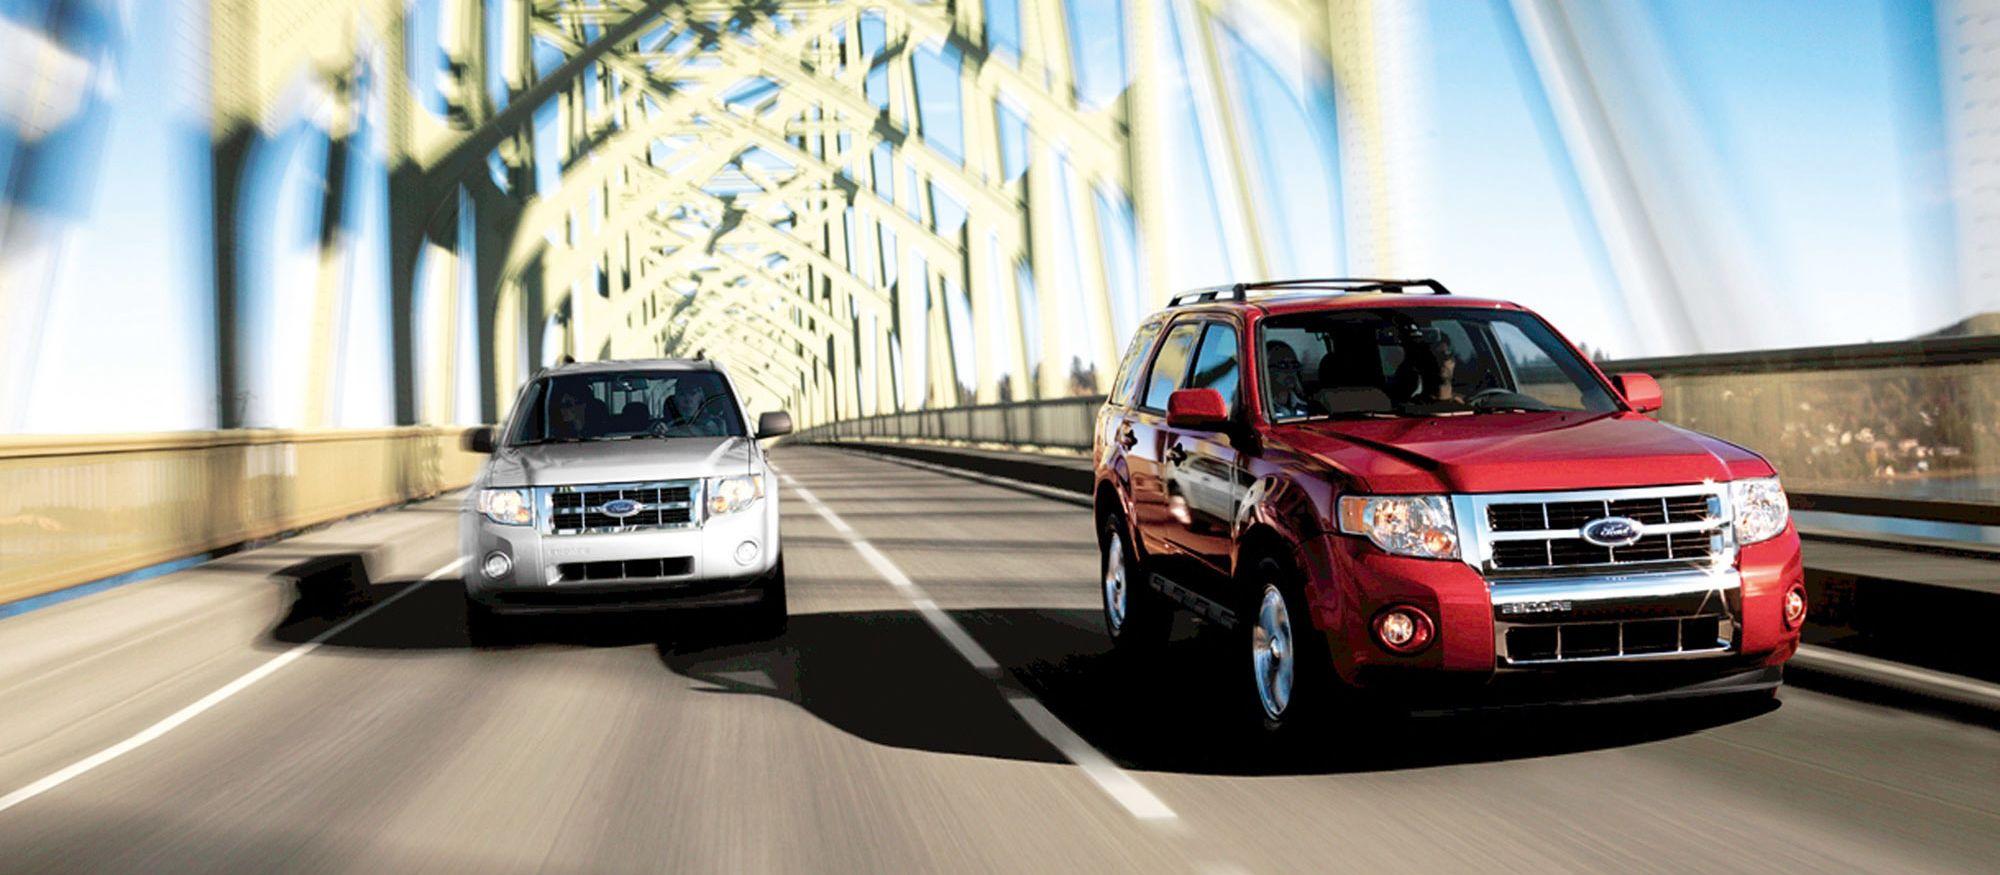 Zwei große Autos fahren über eine Brücke